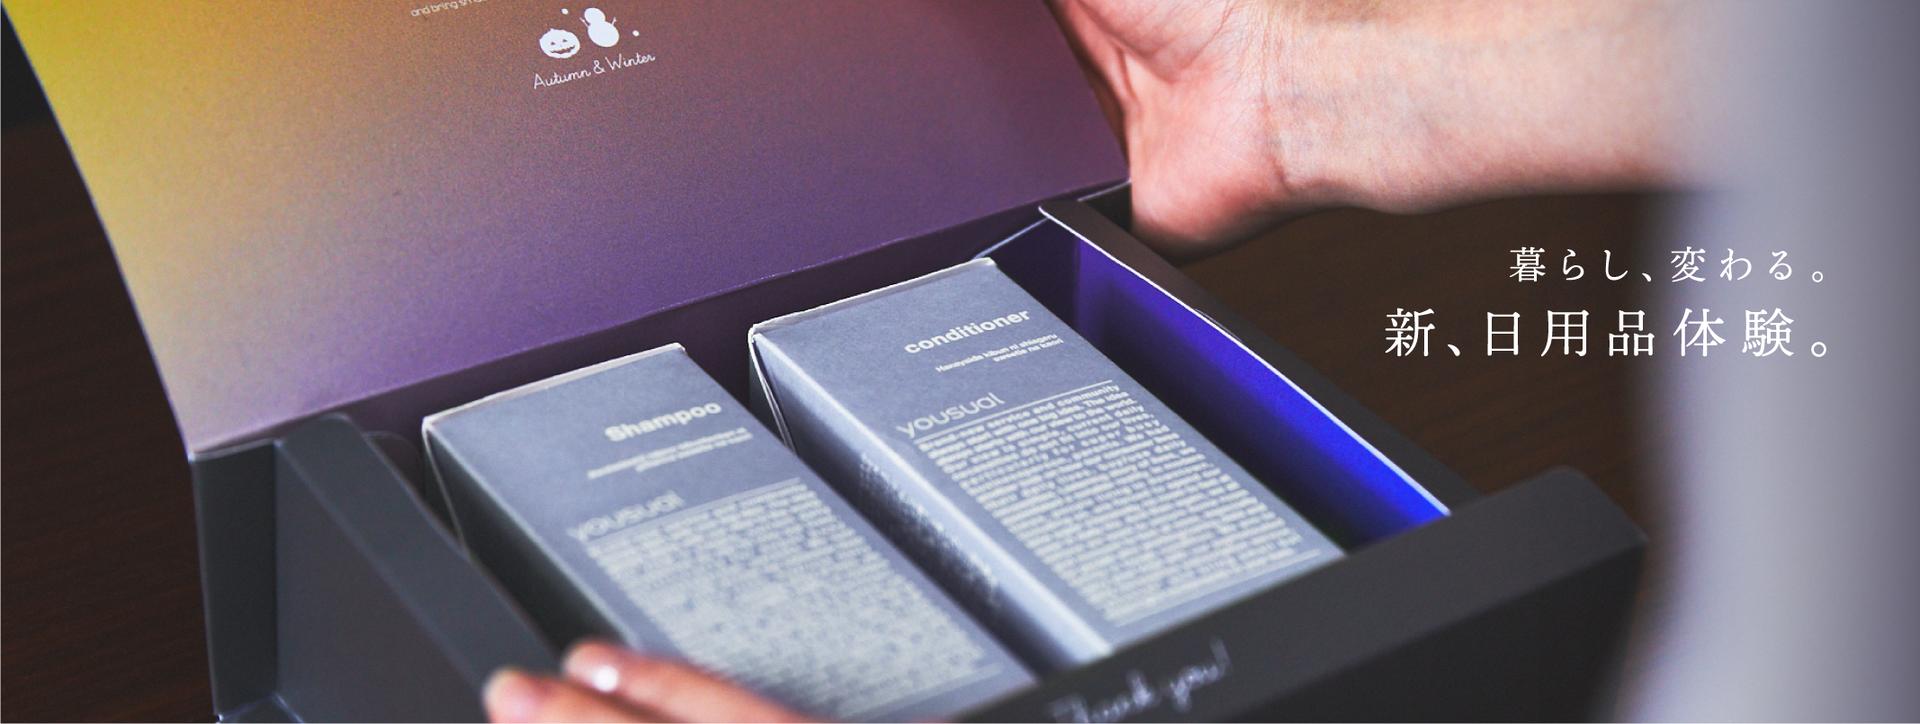 日用品の定期便BOX「yousual」が先行予約受付を開始しました!